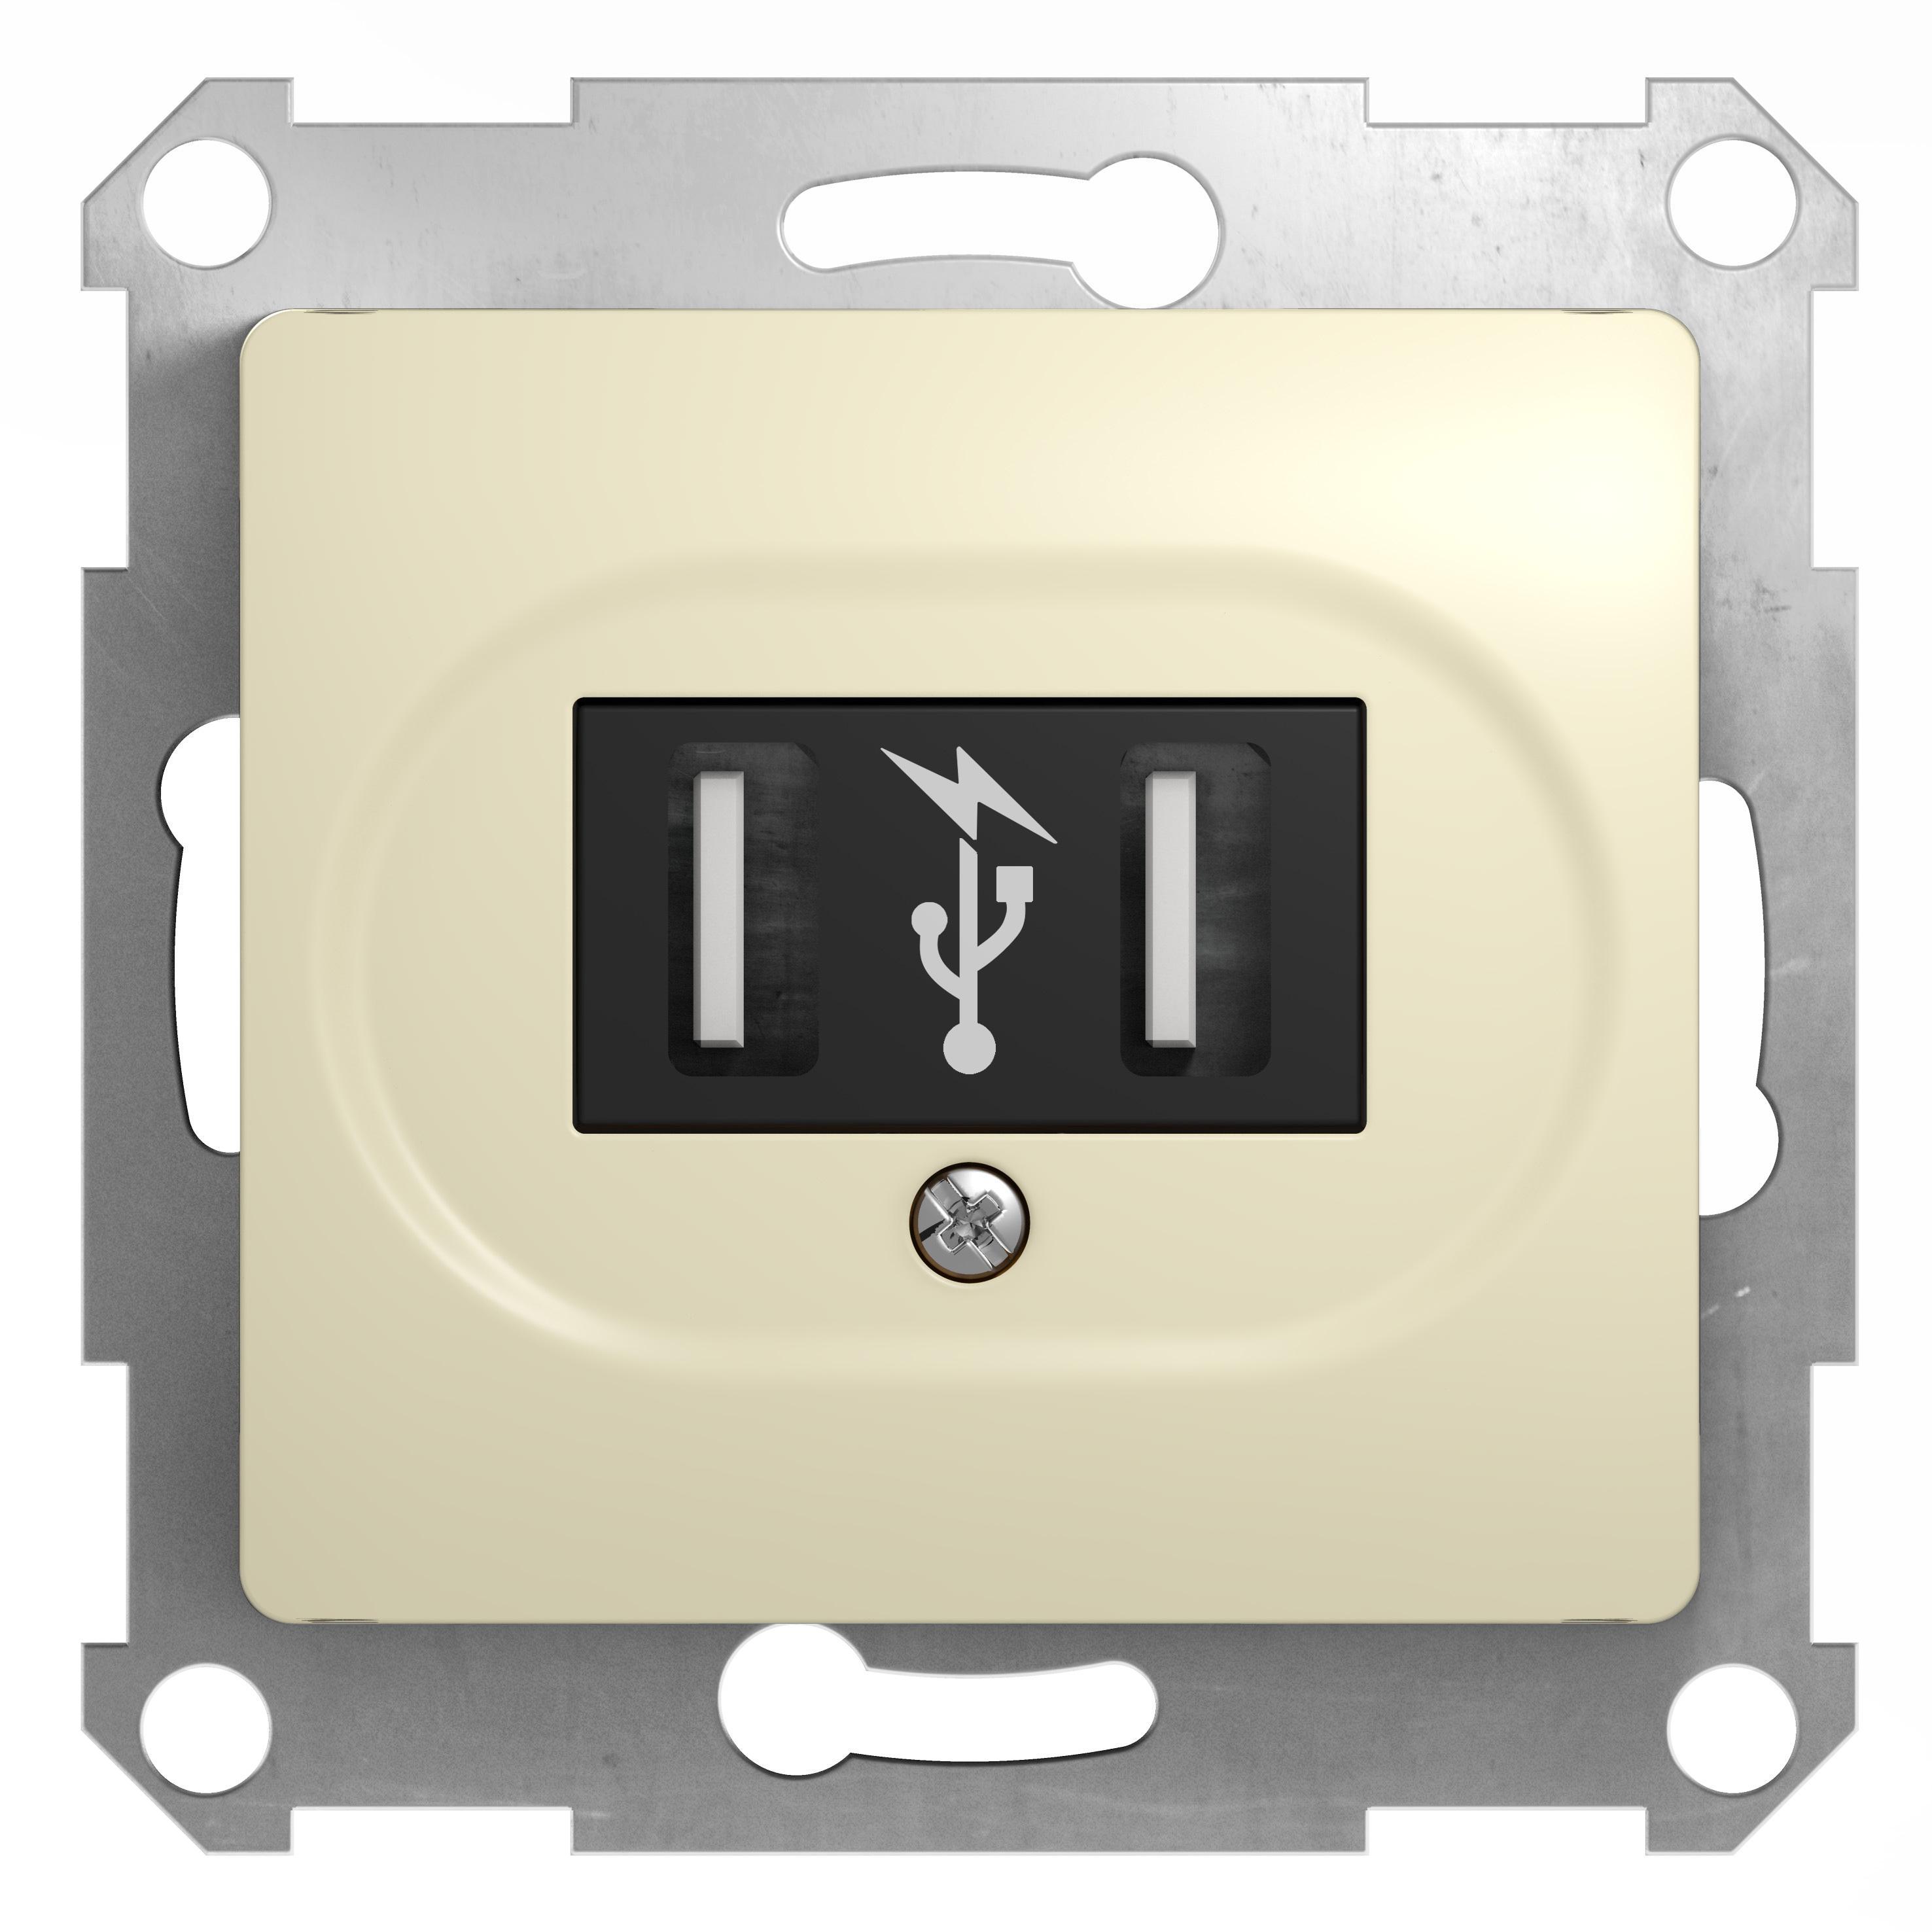 Механизм розетки Schneider electric Gsl000232 glossa механизм розетки компьютерной с у schneider electric unica бежевый